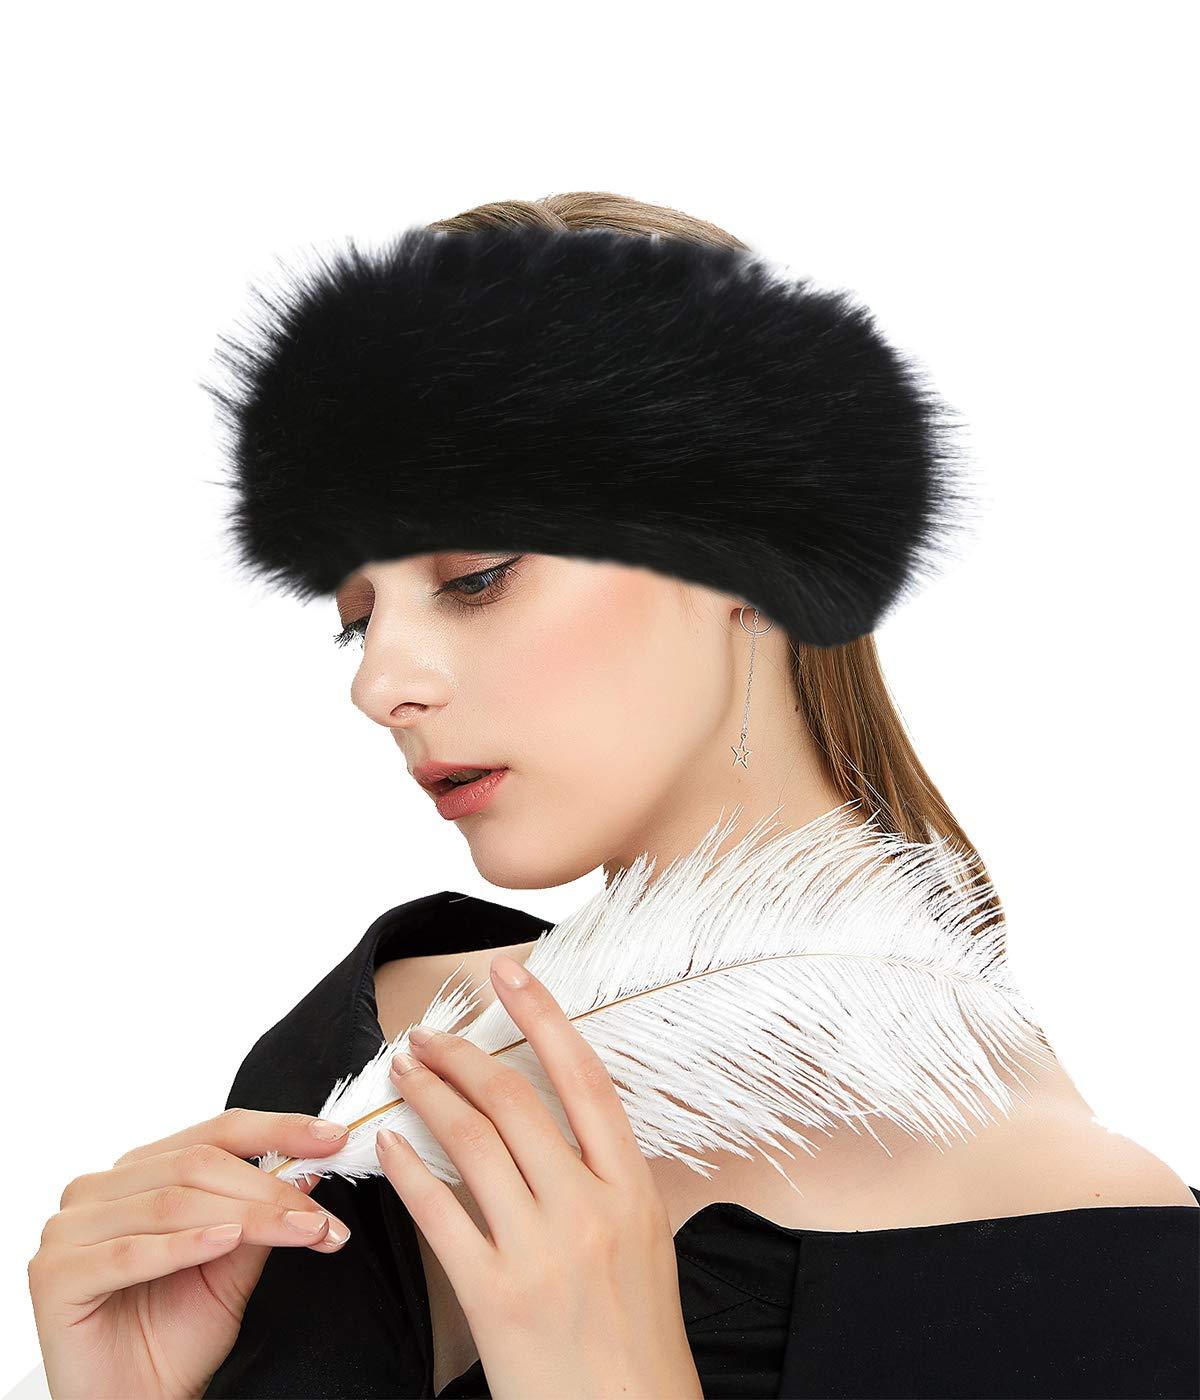 Lucky Leaf Cozy Warm Hair Band Earmuff Cap Faux Fox Fur Headband with Stretch for Women (B1-Black) by Lucky Leaf